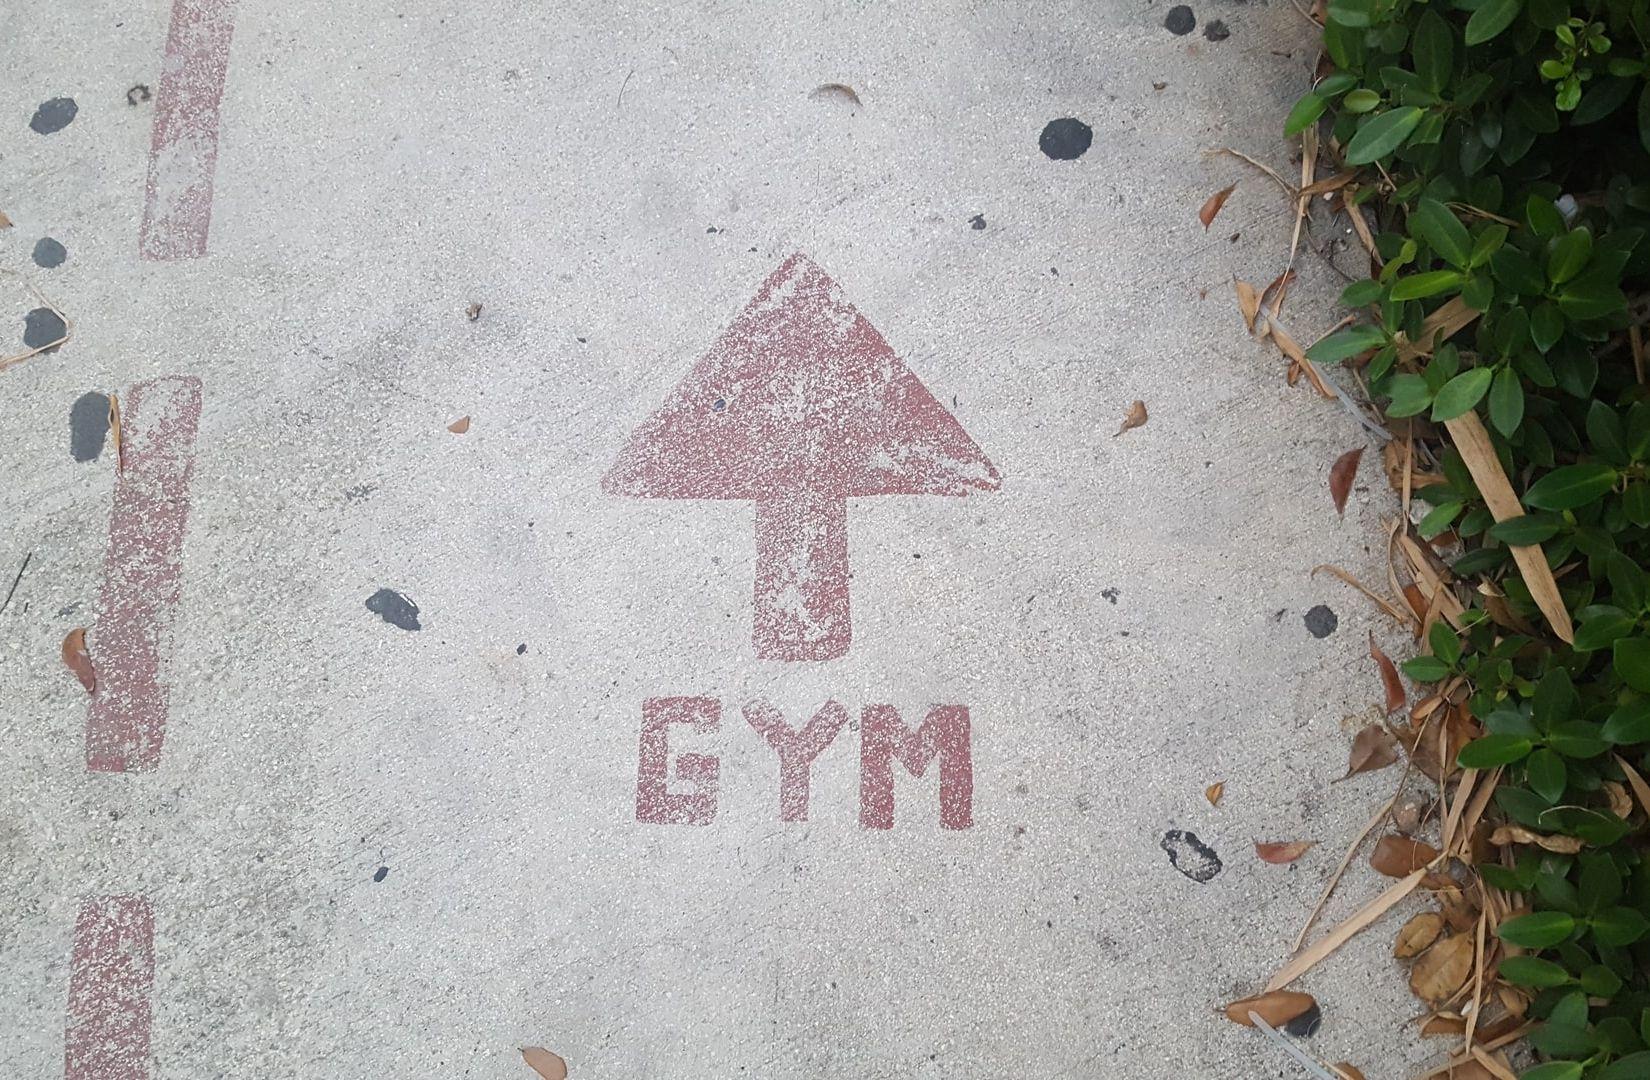 Der Weg zum Trainingszentrum ist nicht vergleichbar mit dem Weg zur Weltherrschaft. (Foto: George Pagan III, Unsplash)